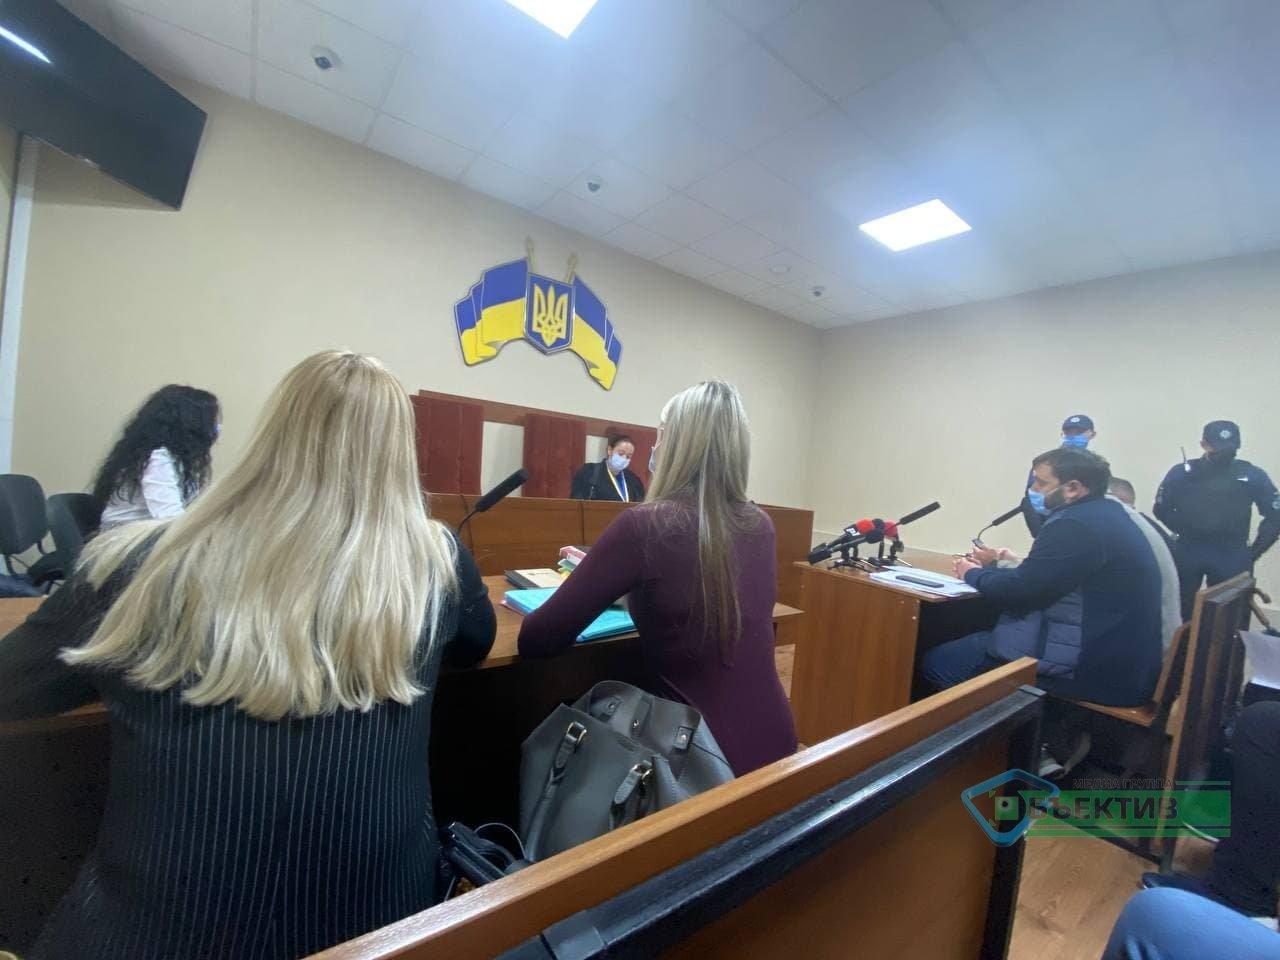 Суд по проспекту Жукова-Григоренко в Харькове отказался ставить на уши власти США, Франции и Британии